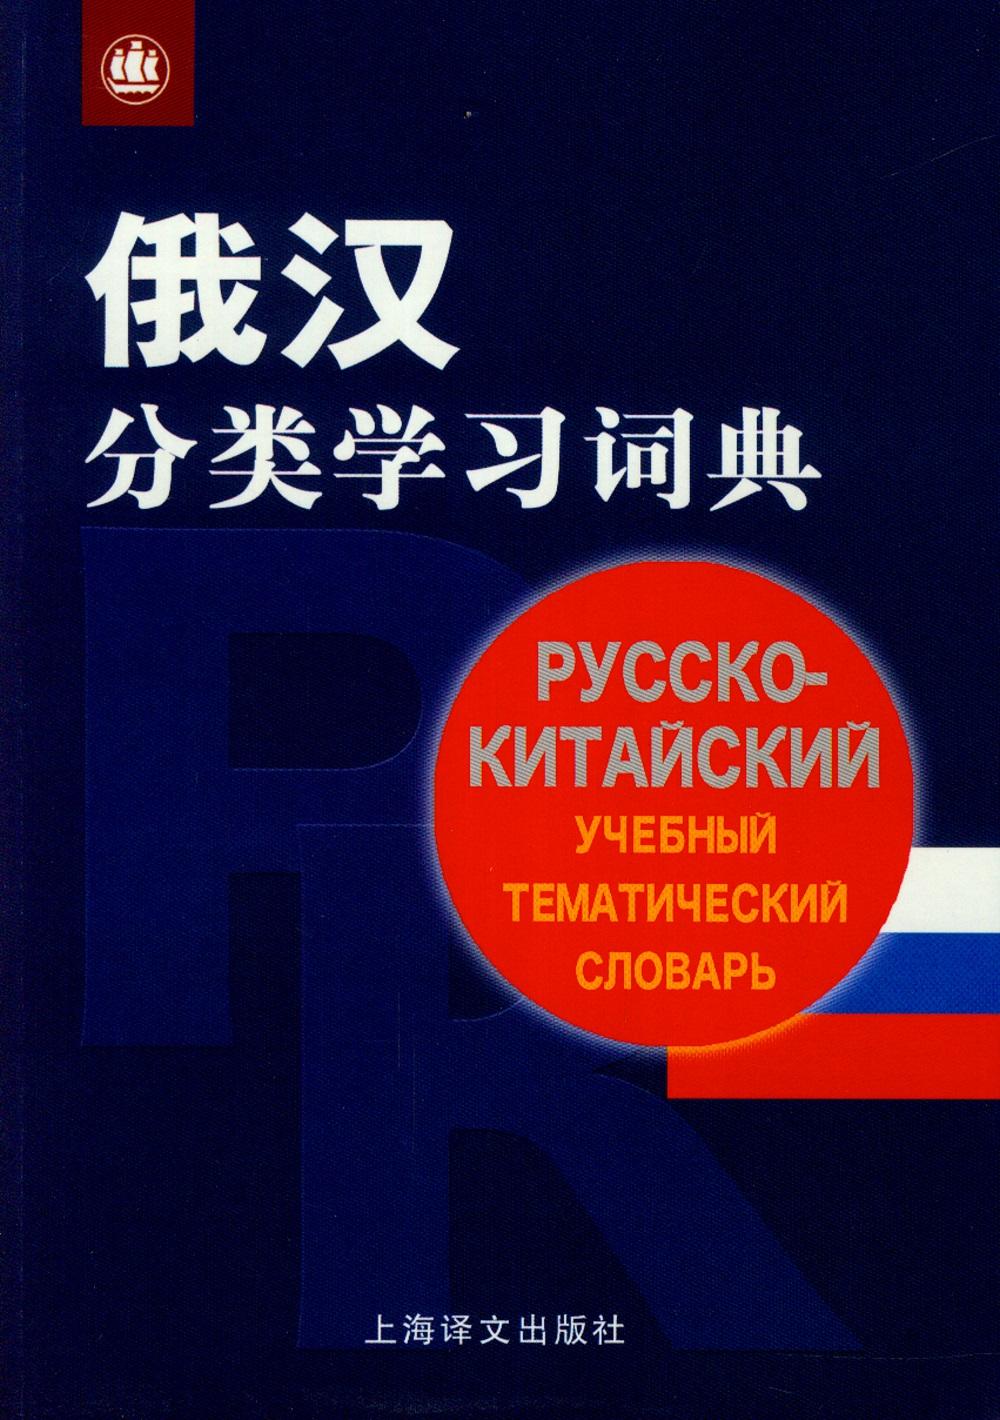 俄漢分類學習詞典